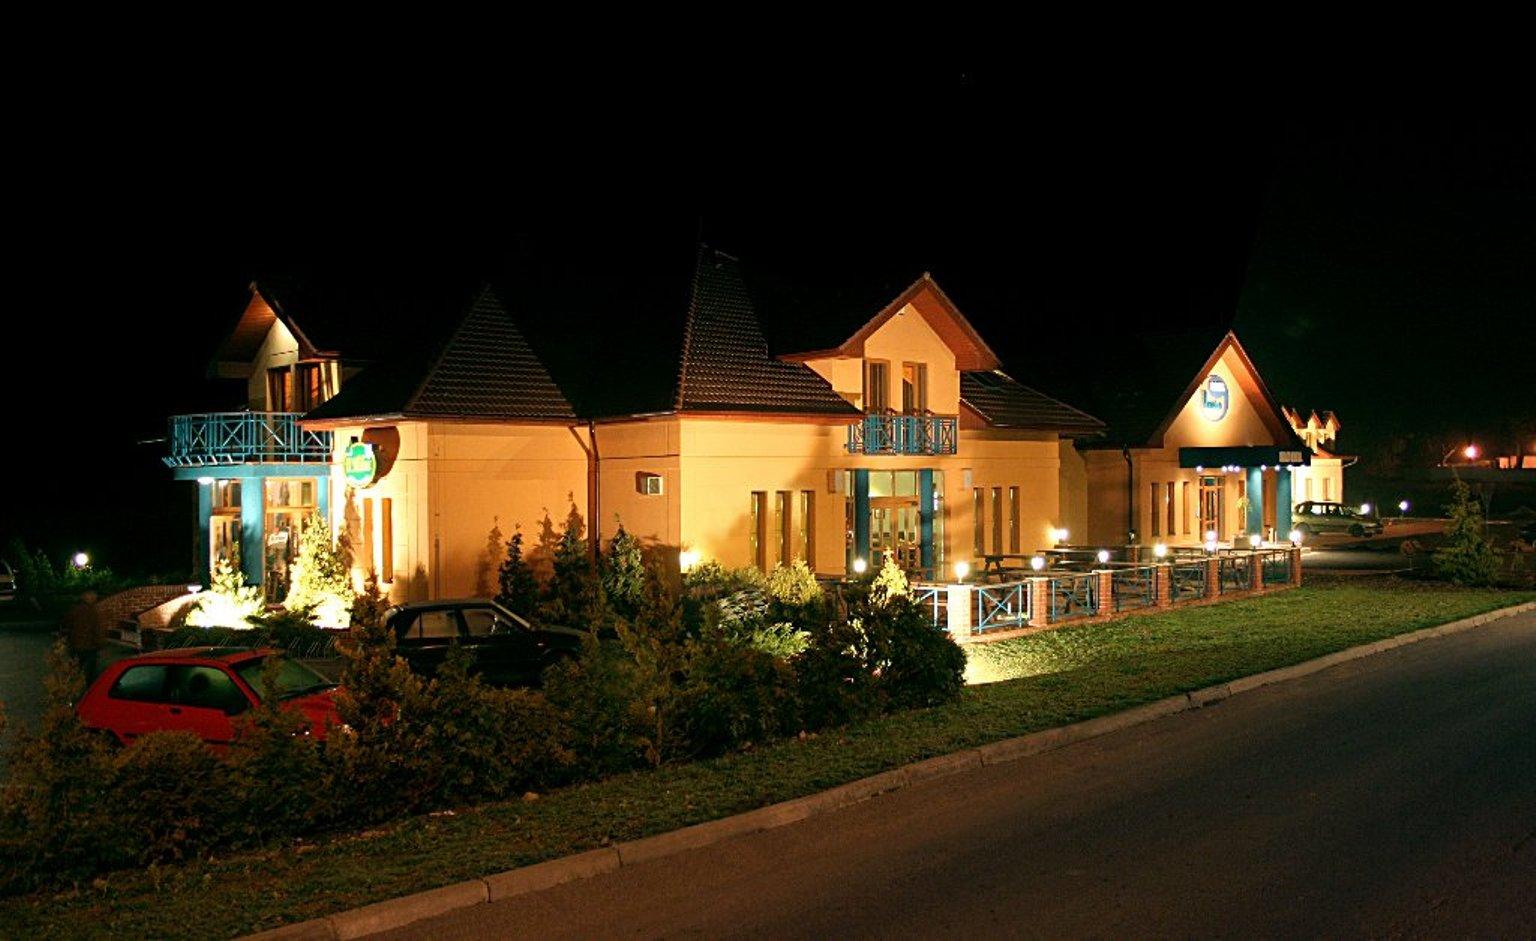 Čtyřhvězdičkový Hotel u Milína nabízí kvalitní ubytování nedaleko Prahy o celkové kapacitě 115 lůžek ve 47 pokojích. Hotel u Milína disponuje také plně zařízenými konferenčními prostory, které jsou vhodné pro kongresy, firemní školení či prezentace.